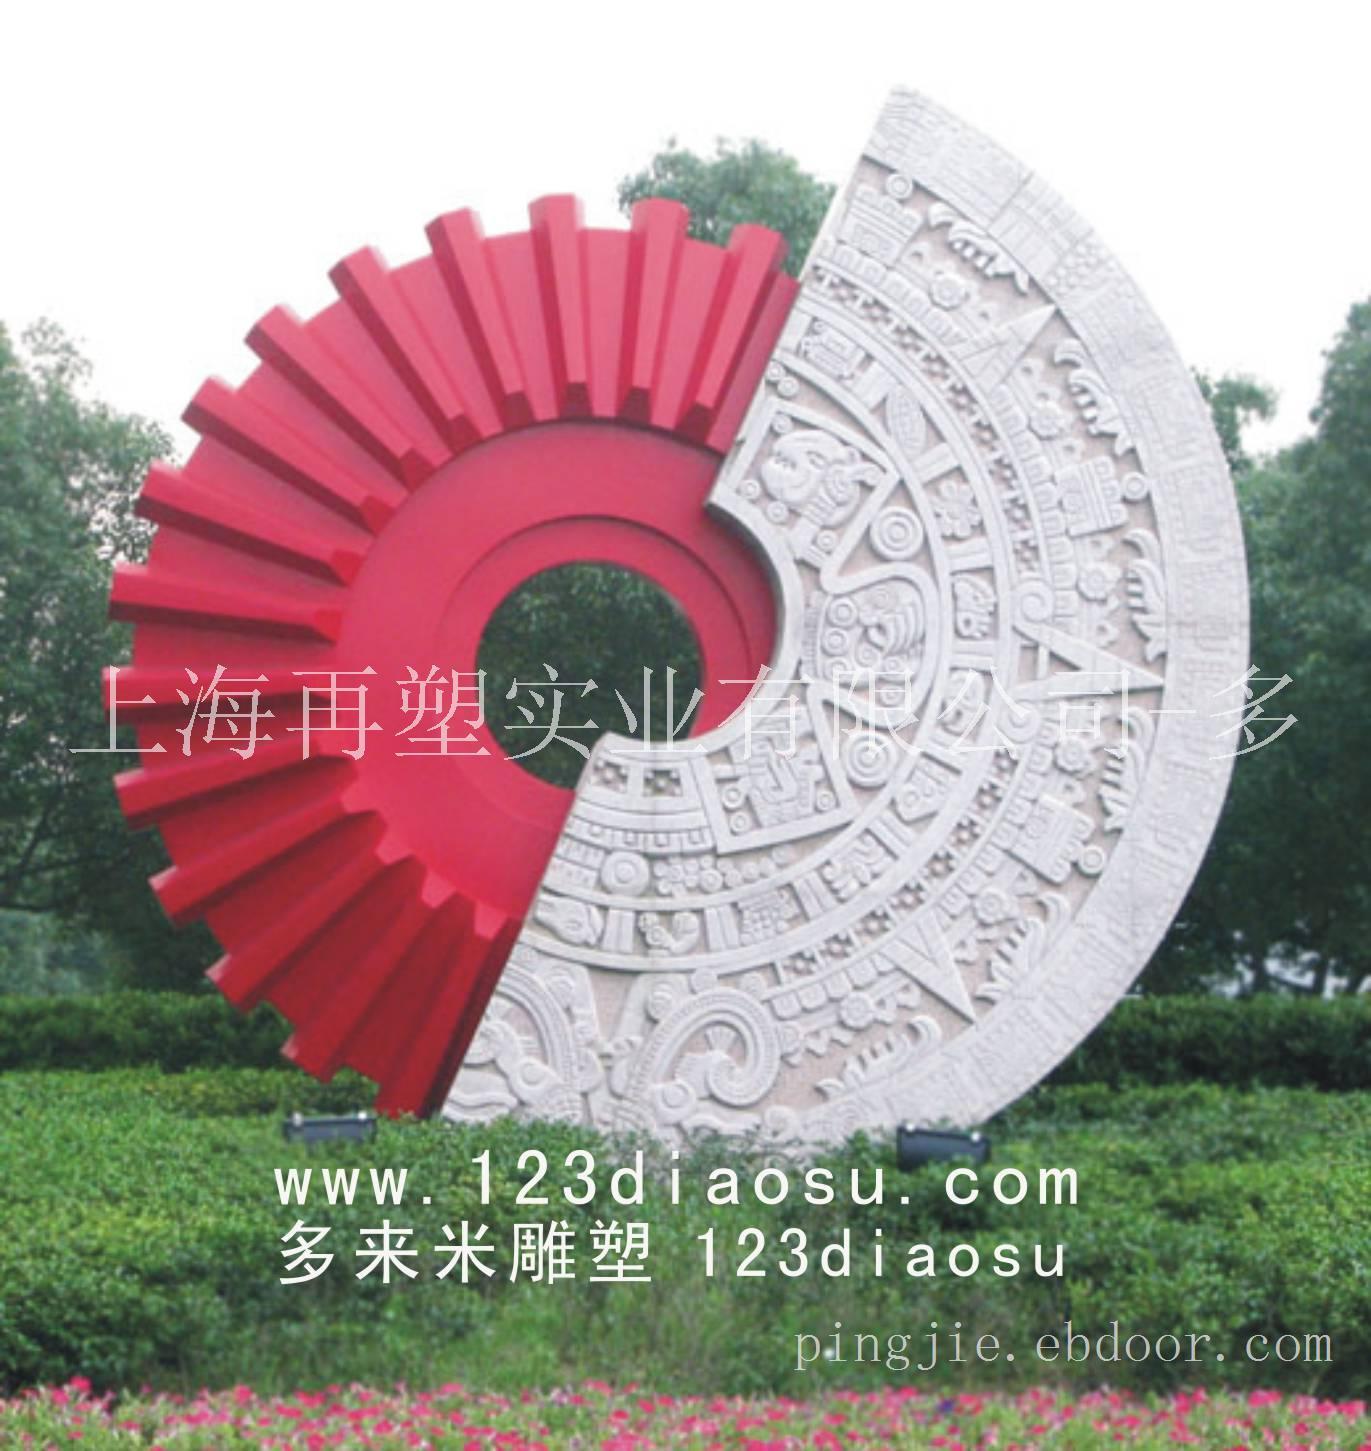 综合材质运用创意雕塑-上海南浦综合材质运用创意雕塑